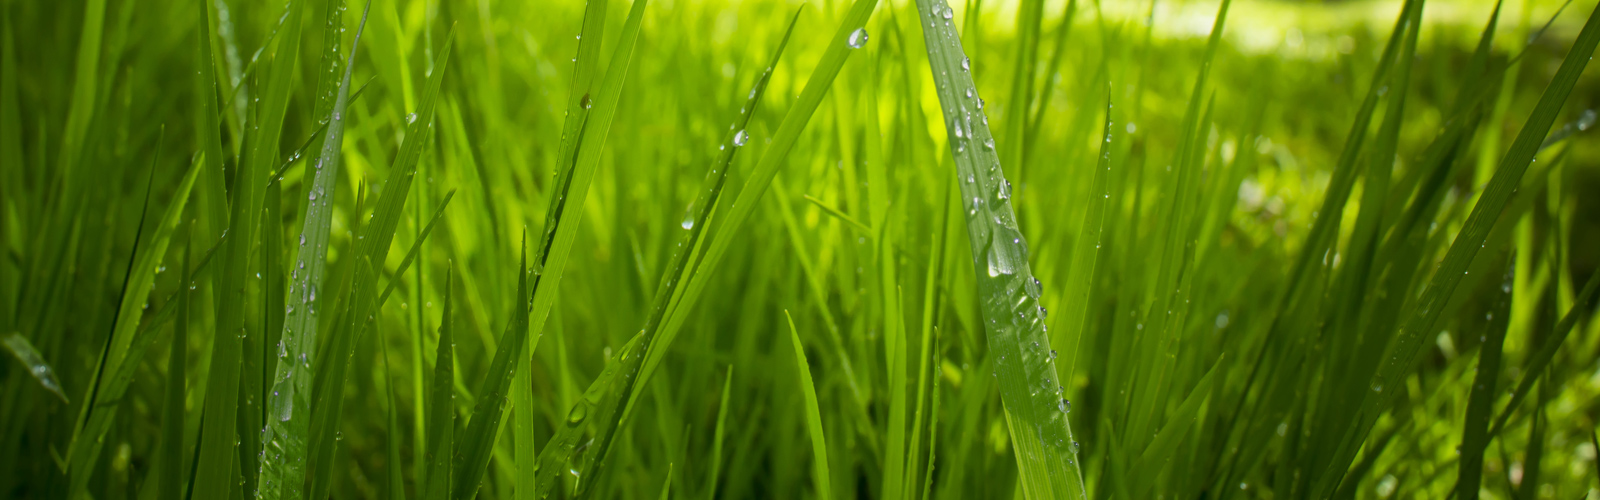 Countax lawn garden tractor mowers can cut wet grass